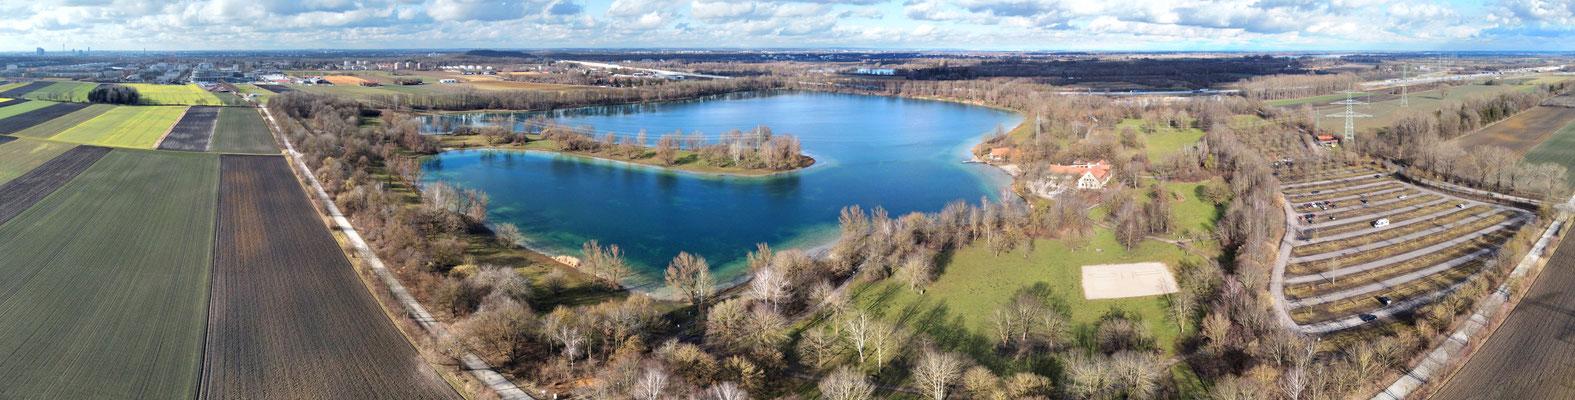 Panorama - Drohnenfoto - Luftaufnahme - Feringasee - Unterföhring